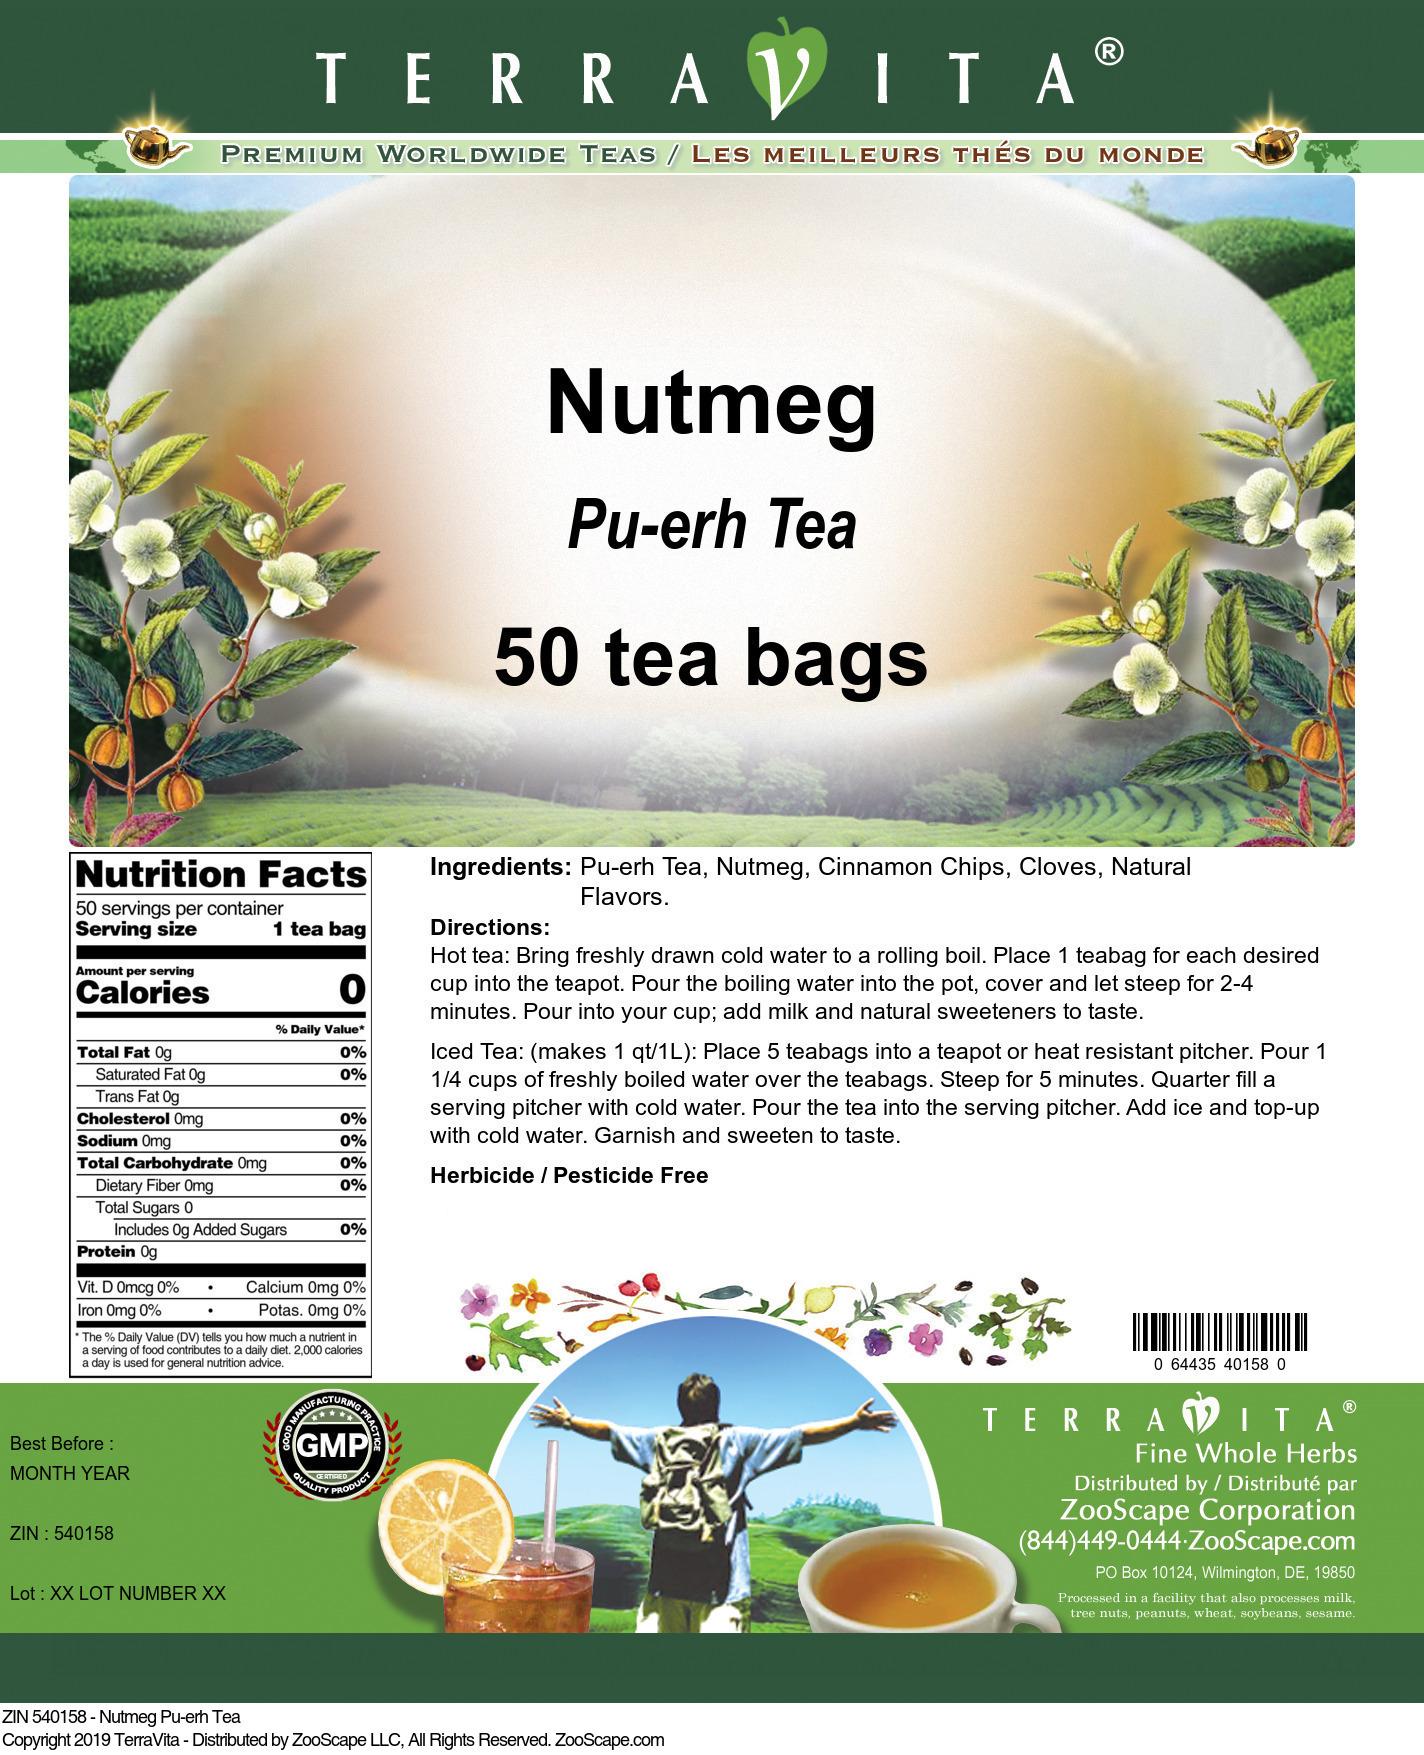 Nutmeg Pu-erh Tea